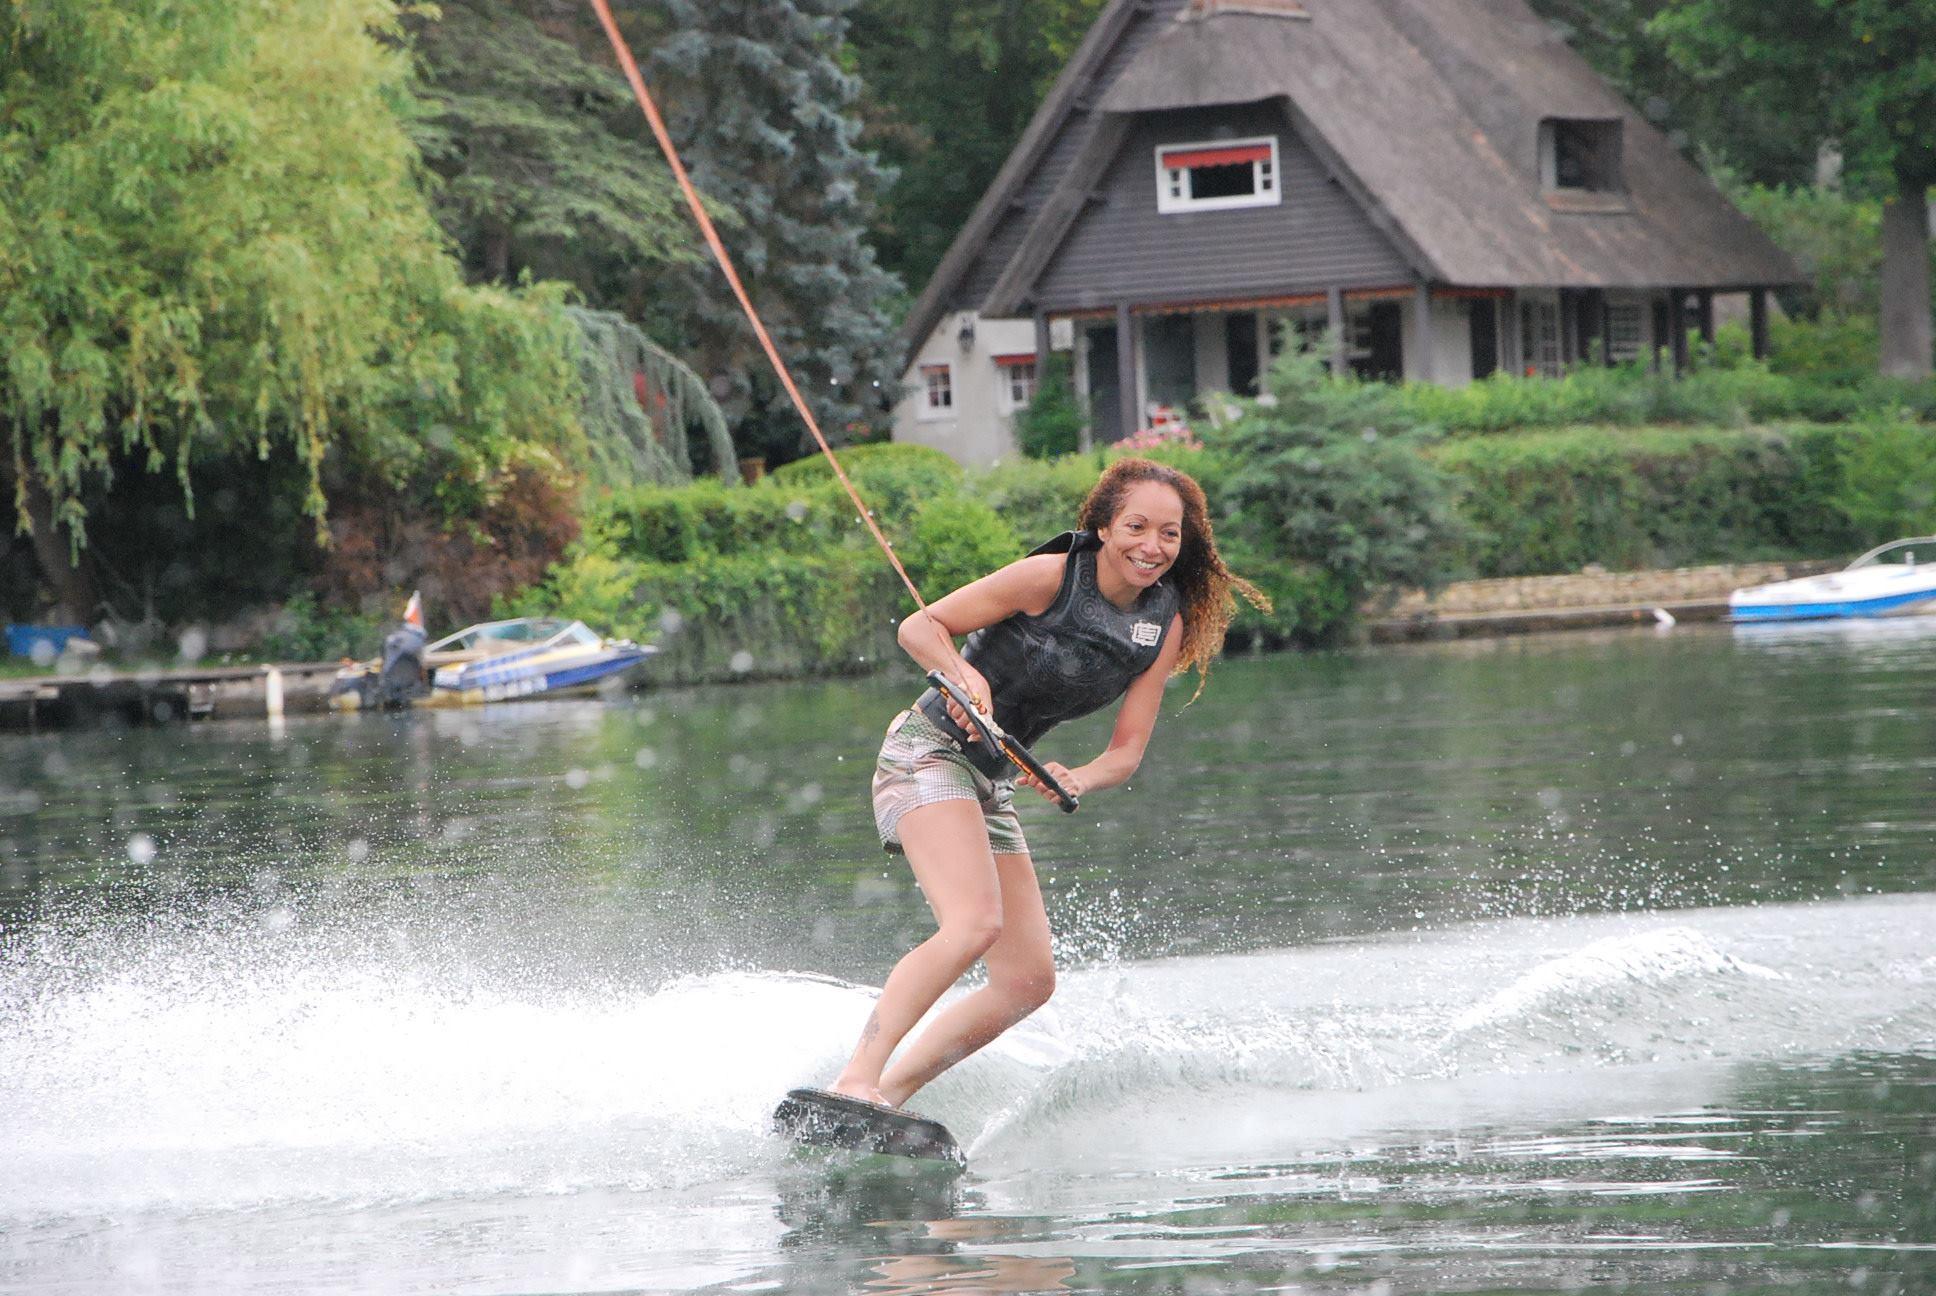 """Résultat de recherche d'images pour """"Wake Skate ou Wakeboarding femme"""""""